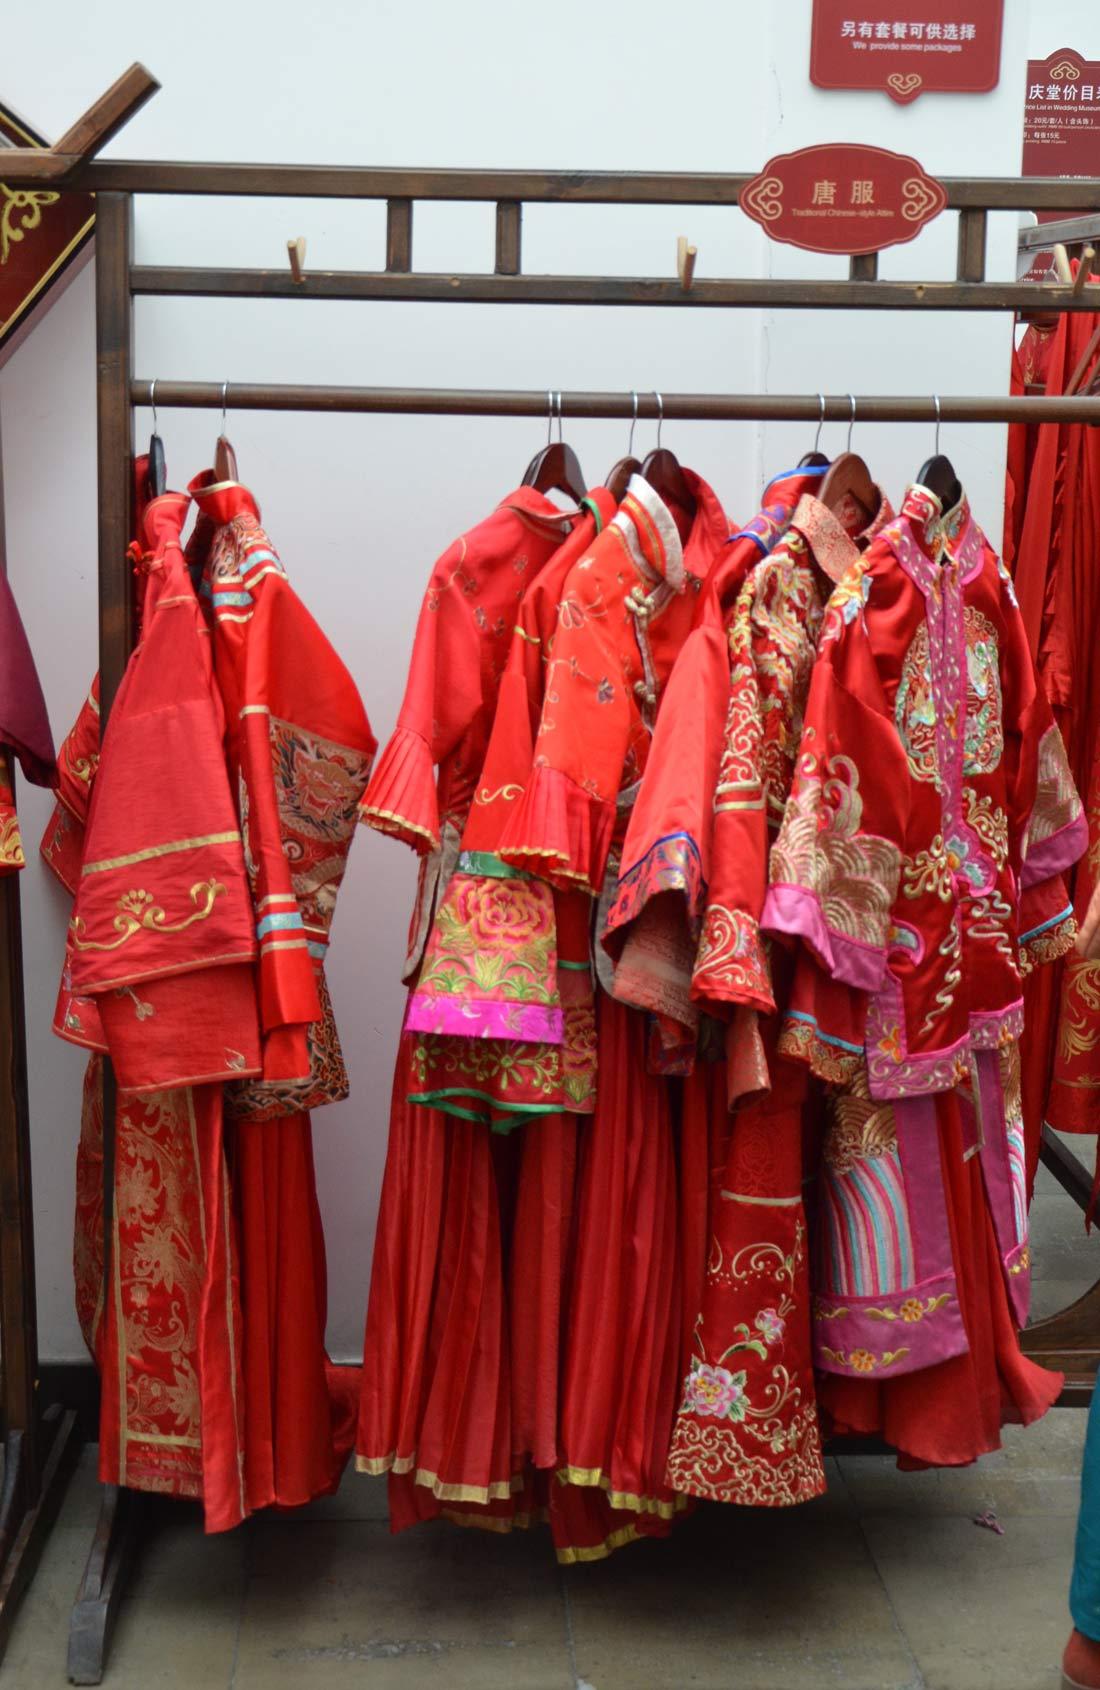 tenues de mariage traditionnelles au musée de Wuzhen